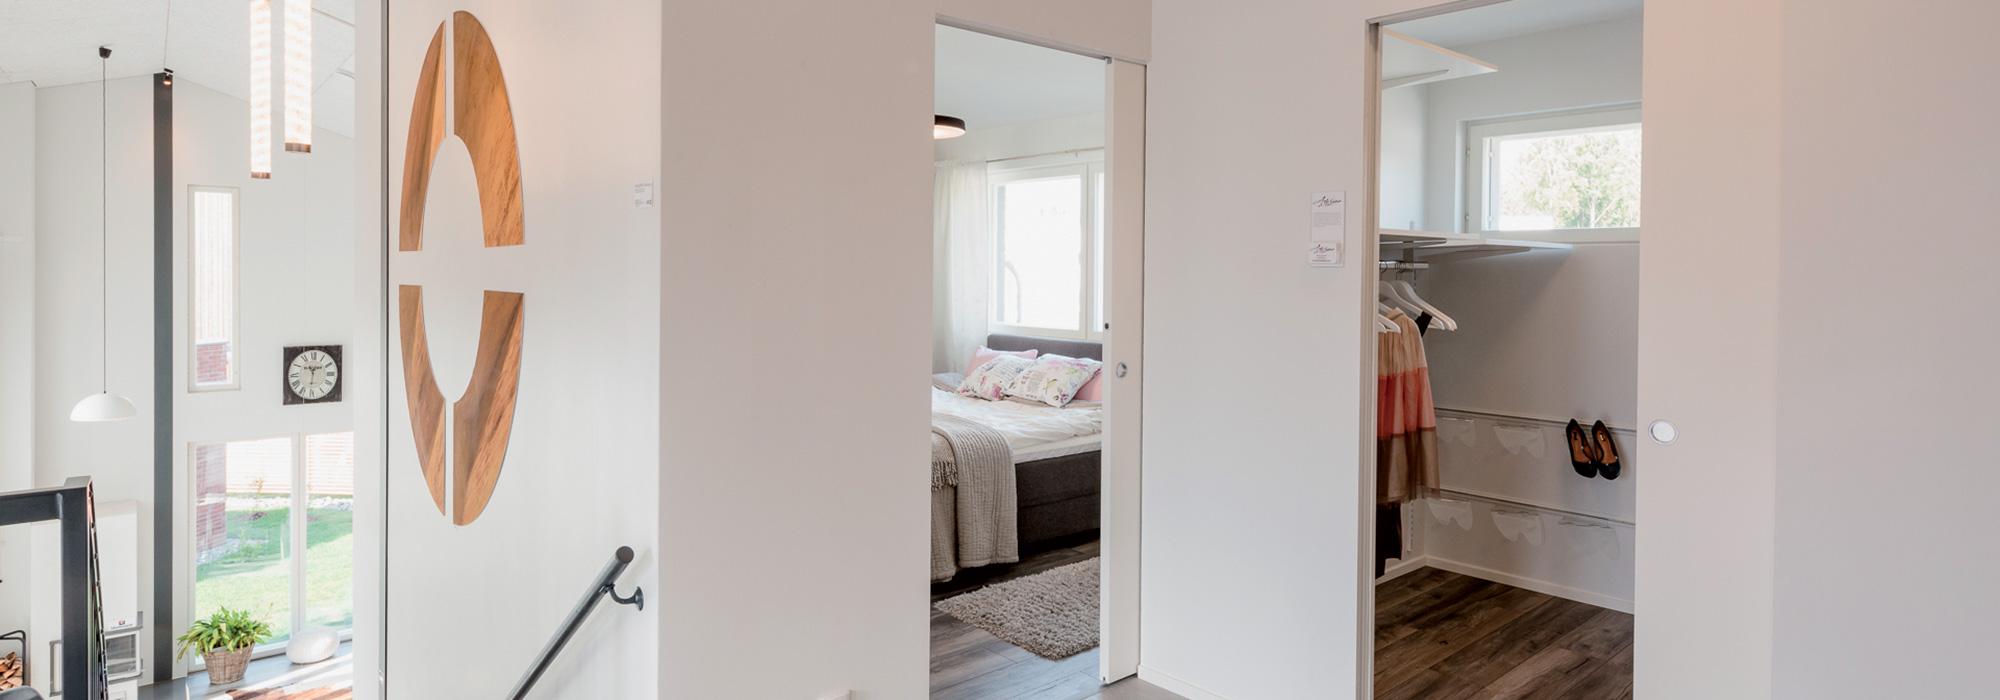 5 buoni motivi per scegliere le porte scorrevoli - Porte scorrevoli eclisse ...